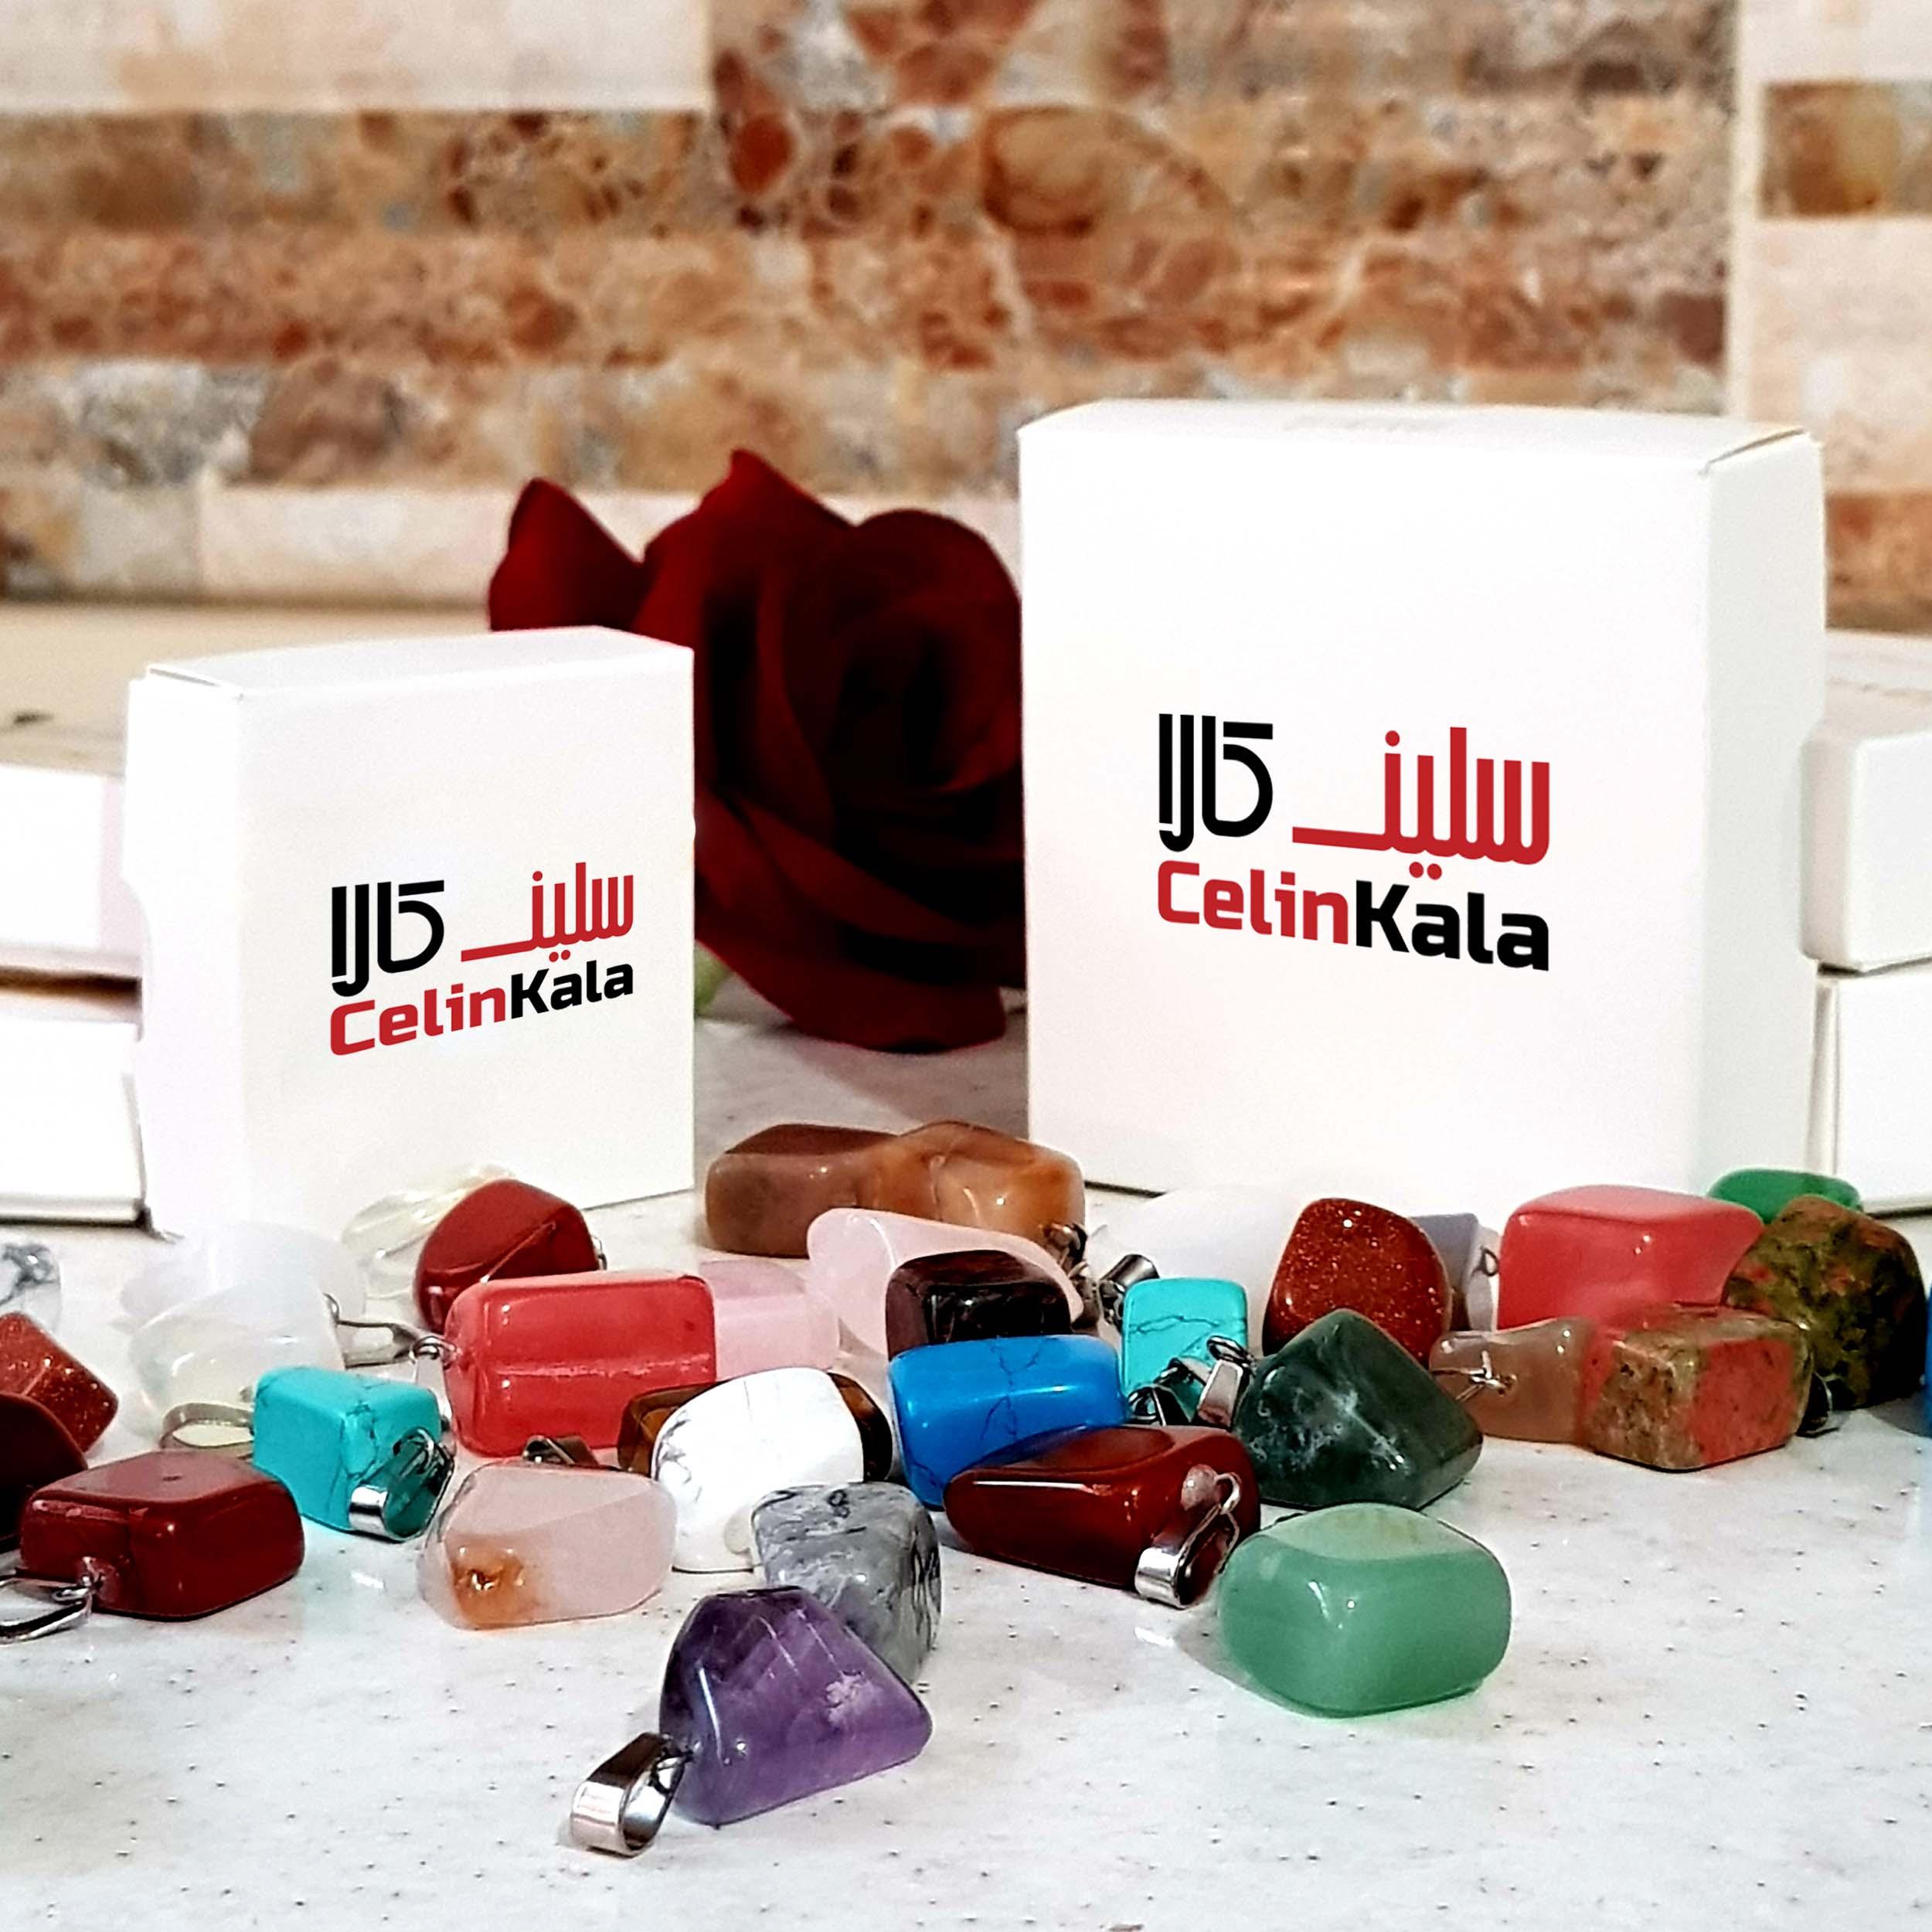 سنگ عقیق شجر سلین کالا مدل ce-92